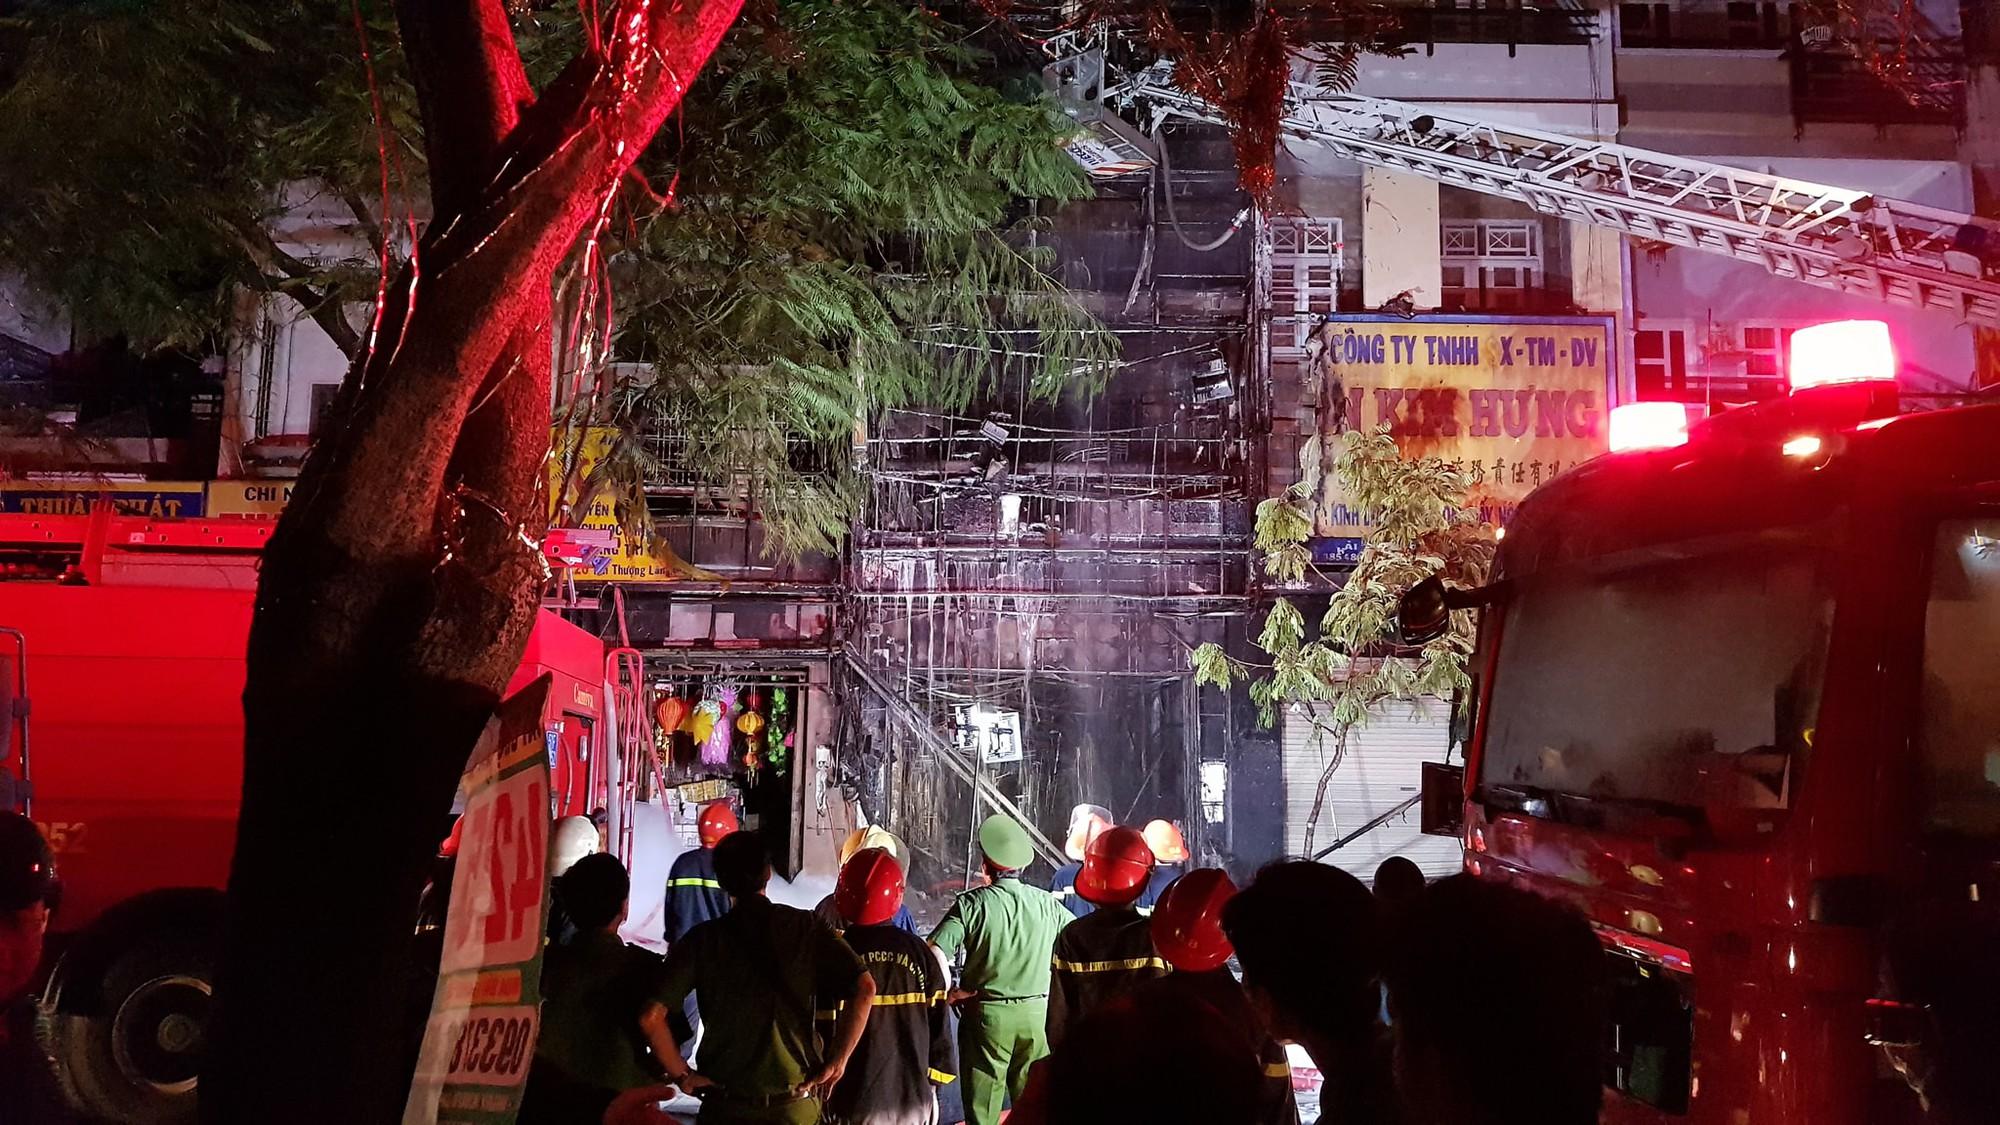 Vụ cháy may mắn không có thiệt hại về người - Ảnh: FB N.K.T